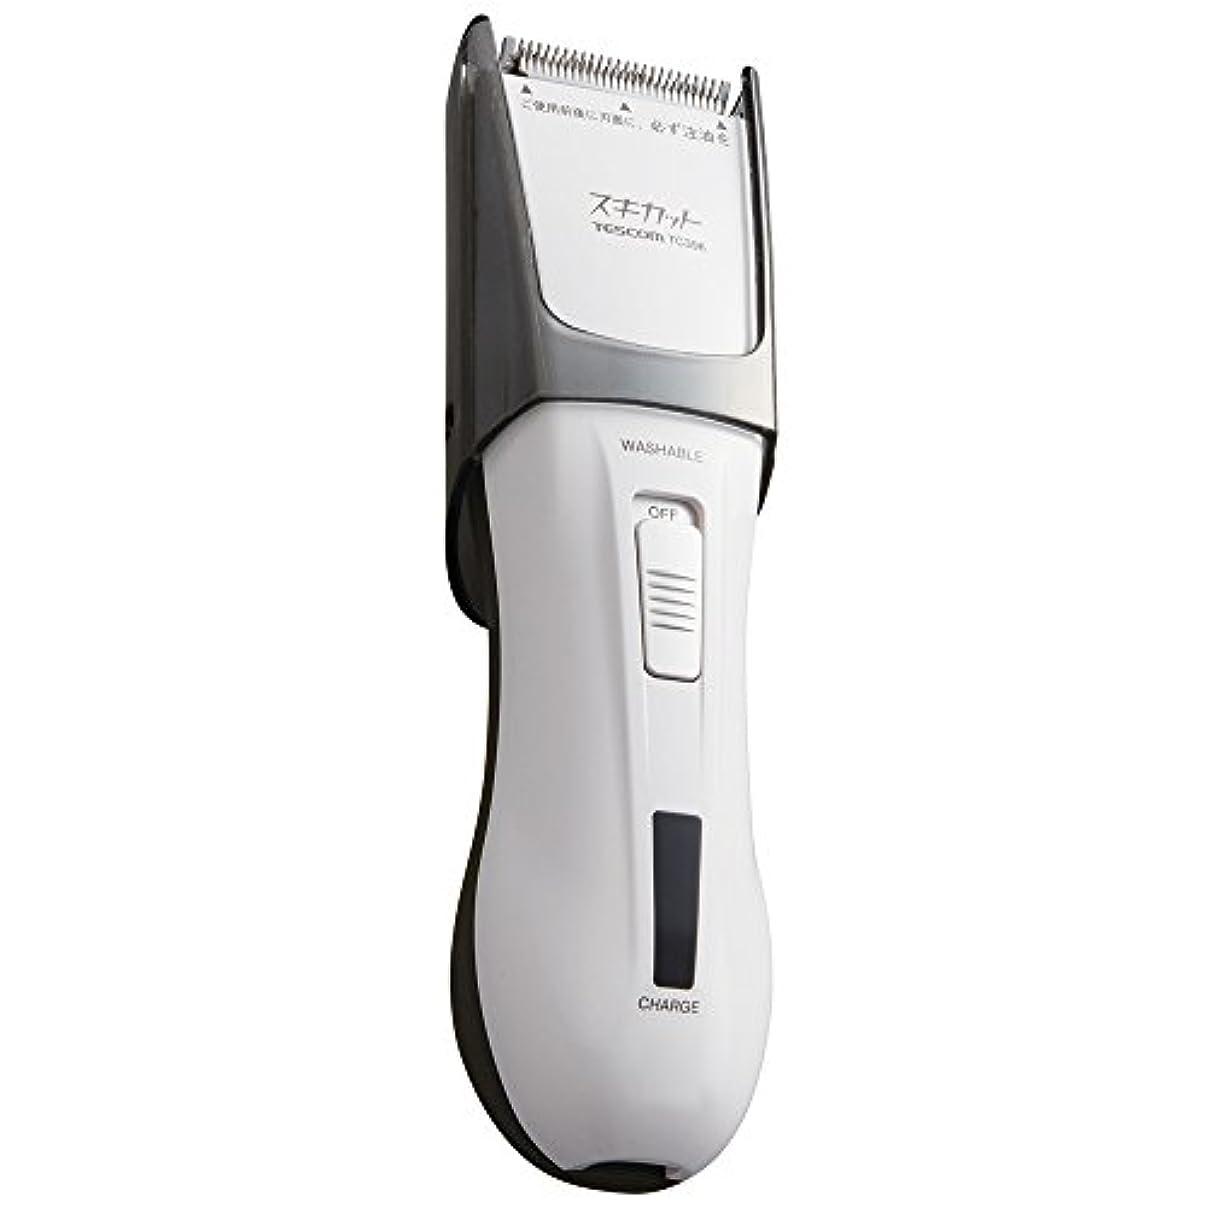 筋潜む単にTESCOM スキカット 電気バリカン ホワイト TC396-W